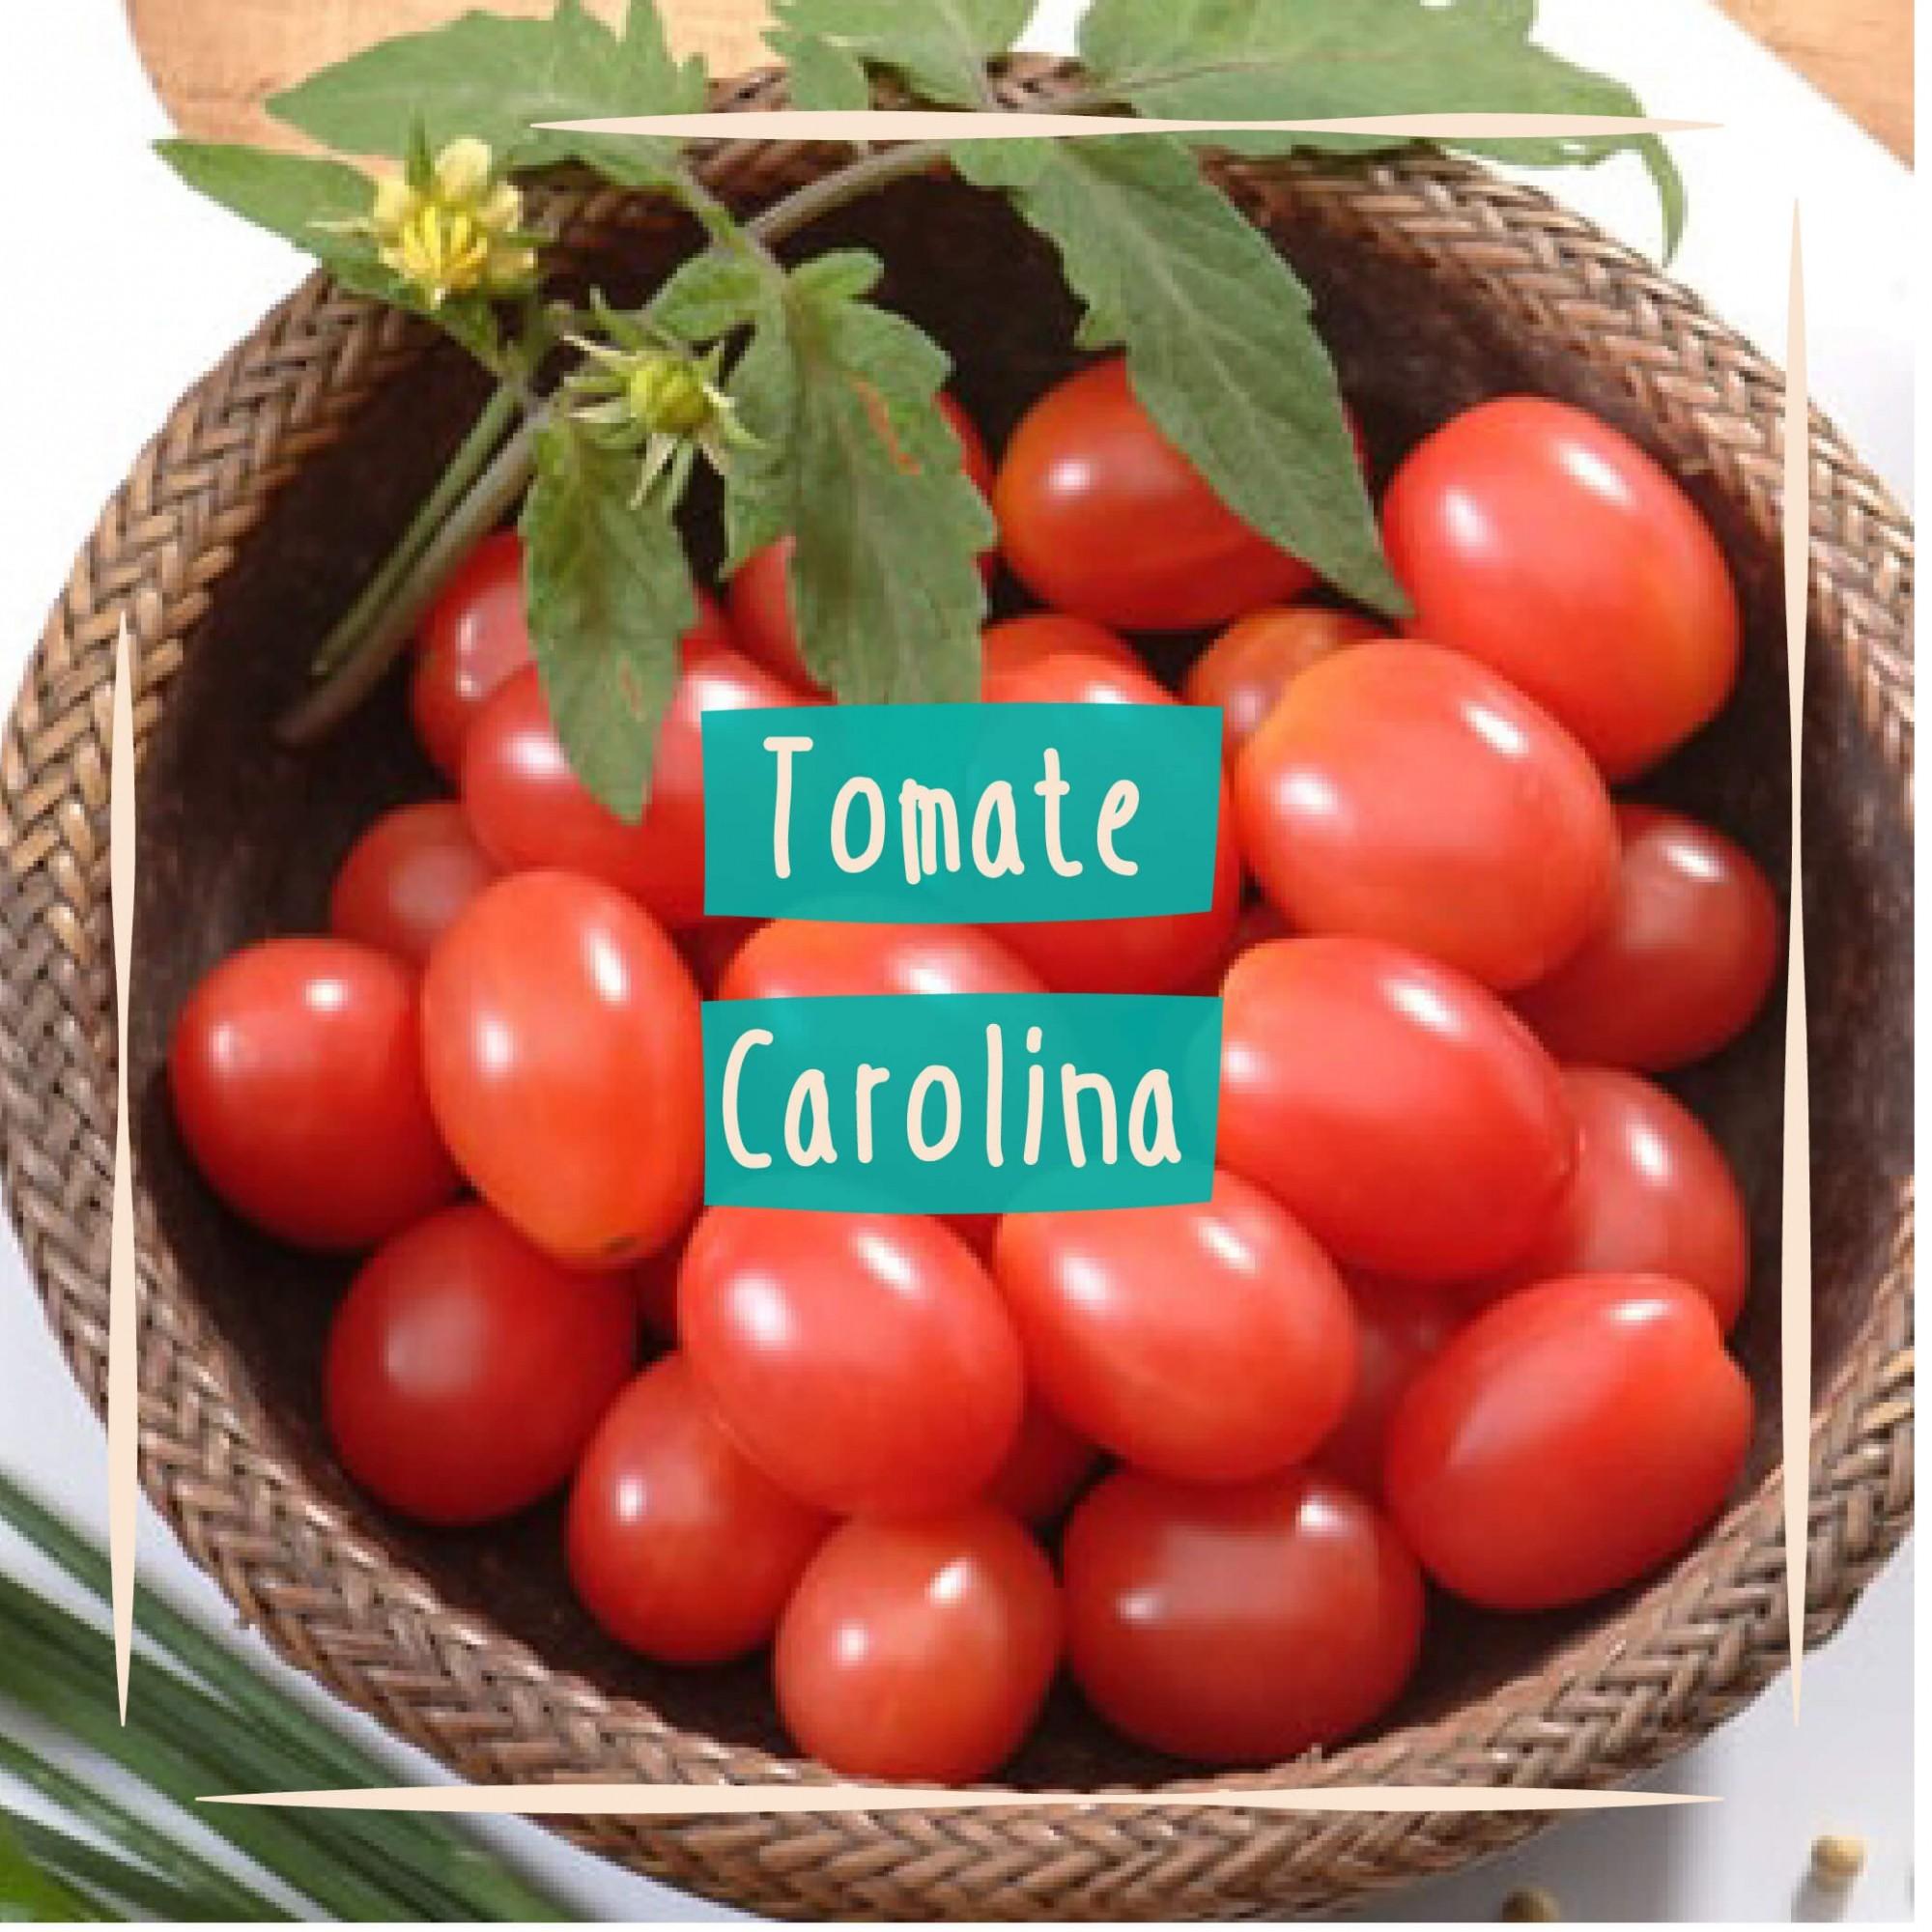 Sementes para plantar Tomate Cereja Carolina em vasos autoirrigáveis RAIZ  - Loja Raiz